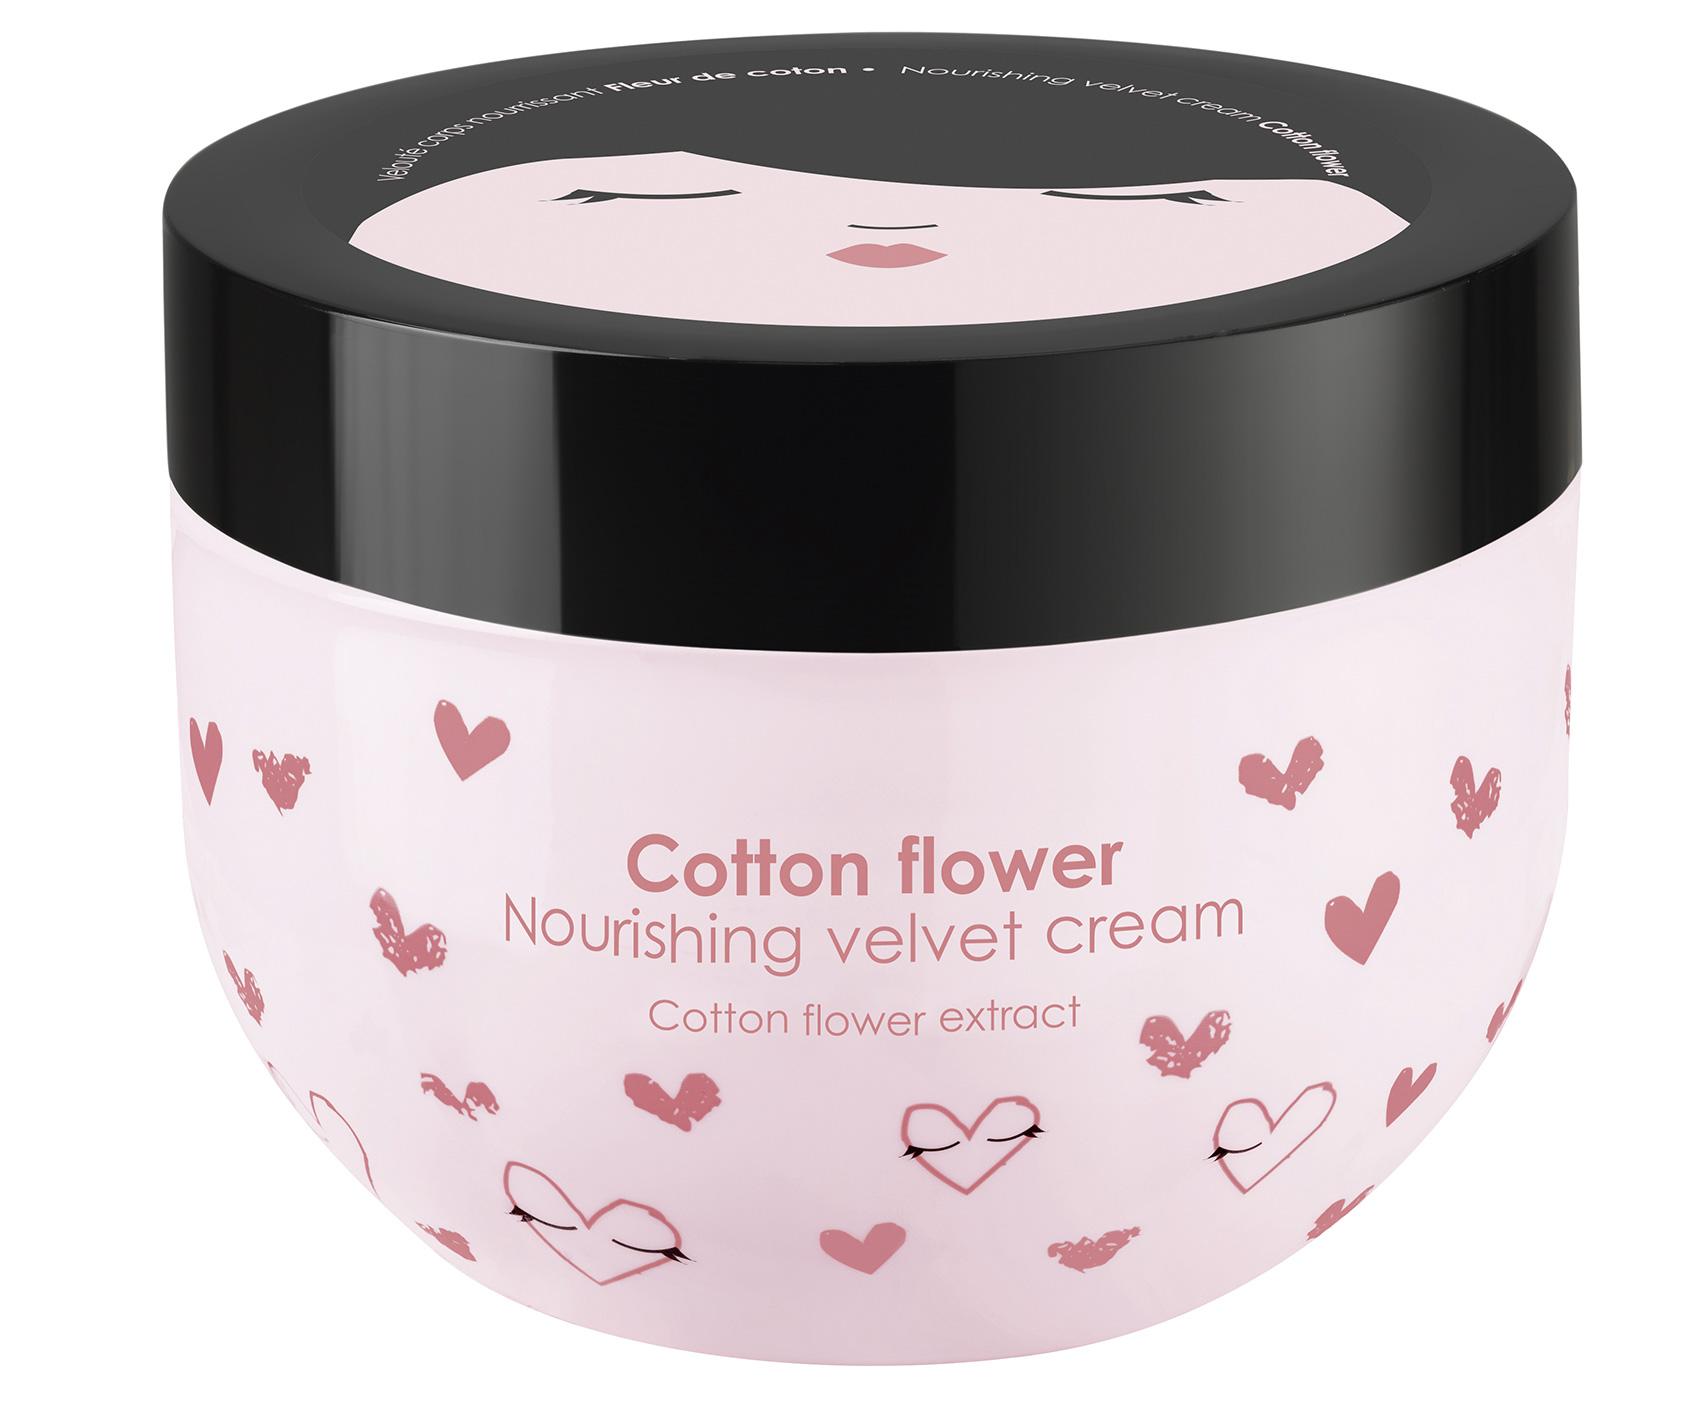 Sephora Nourishing Velvet Cream